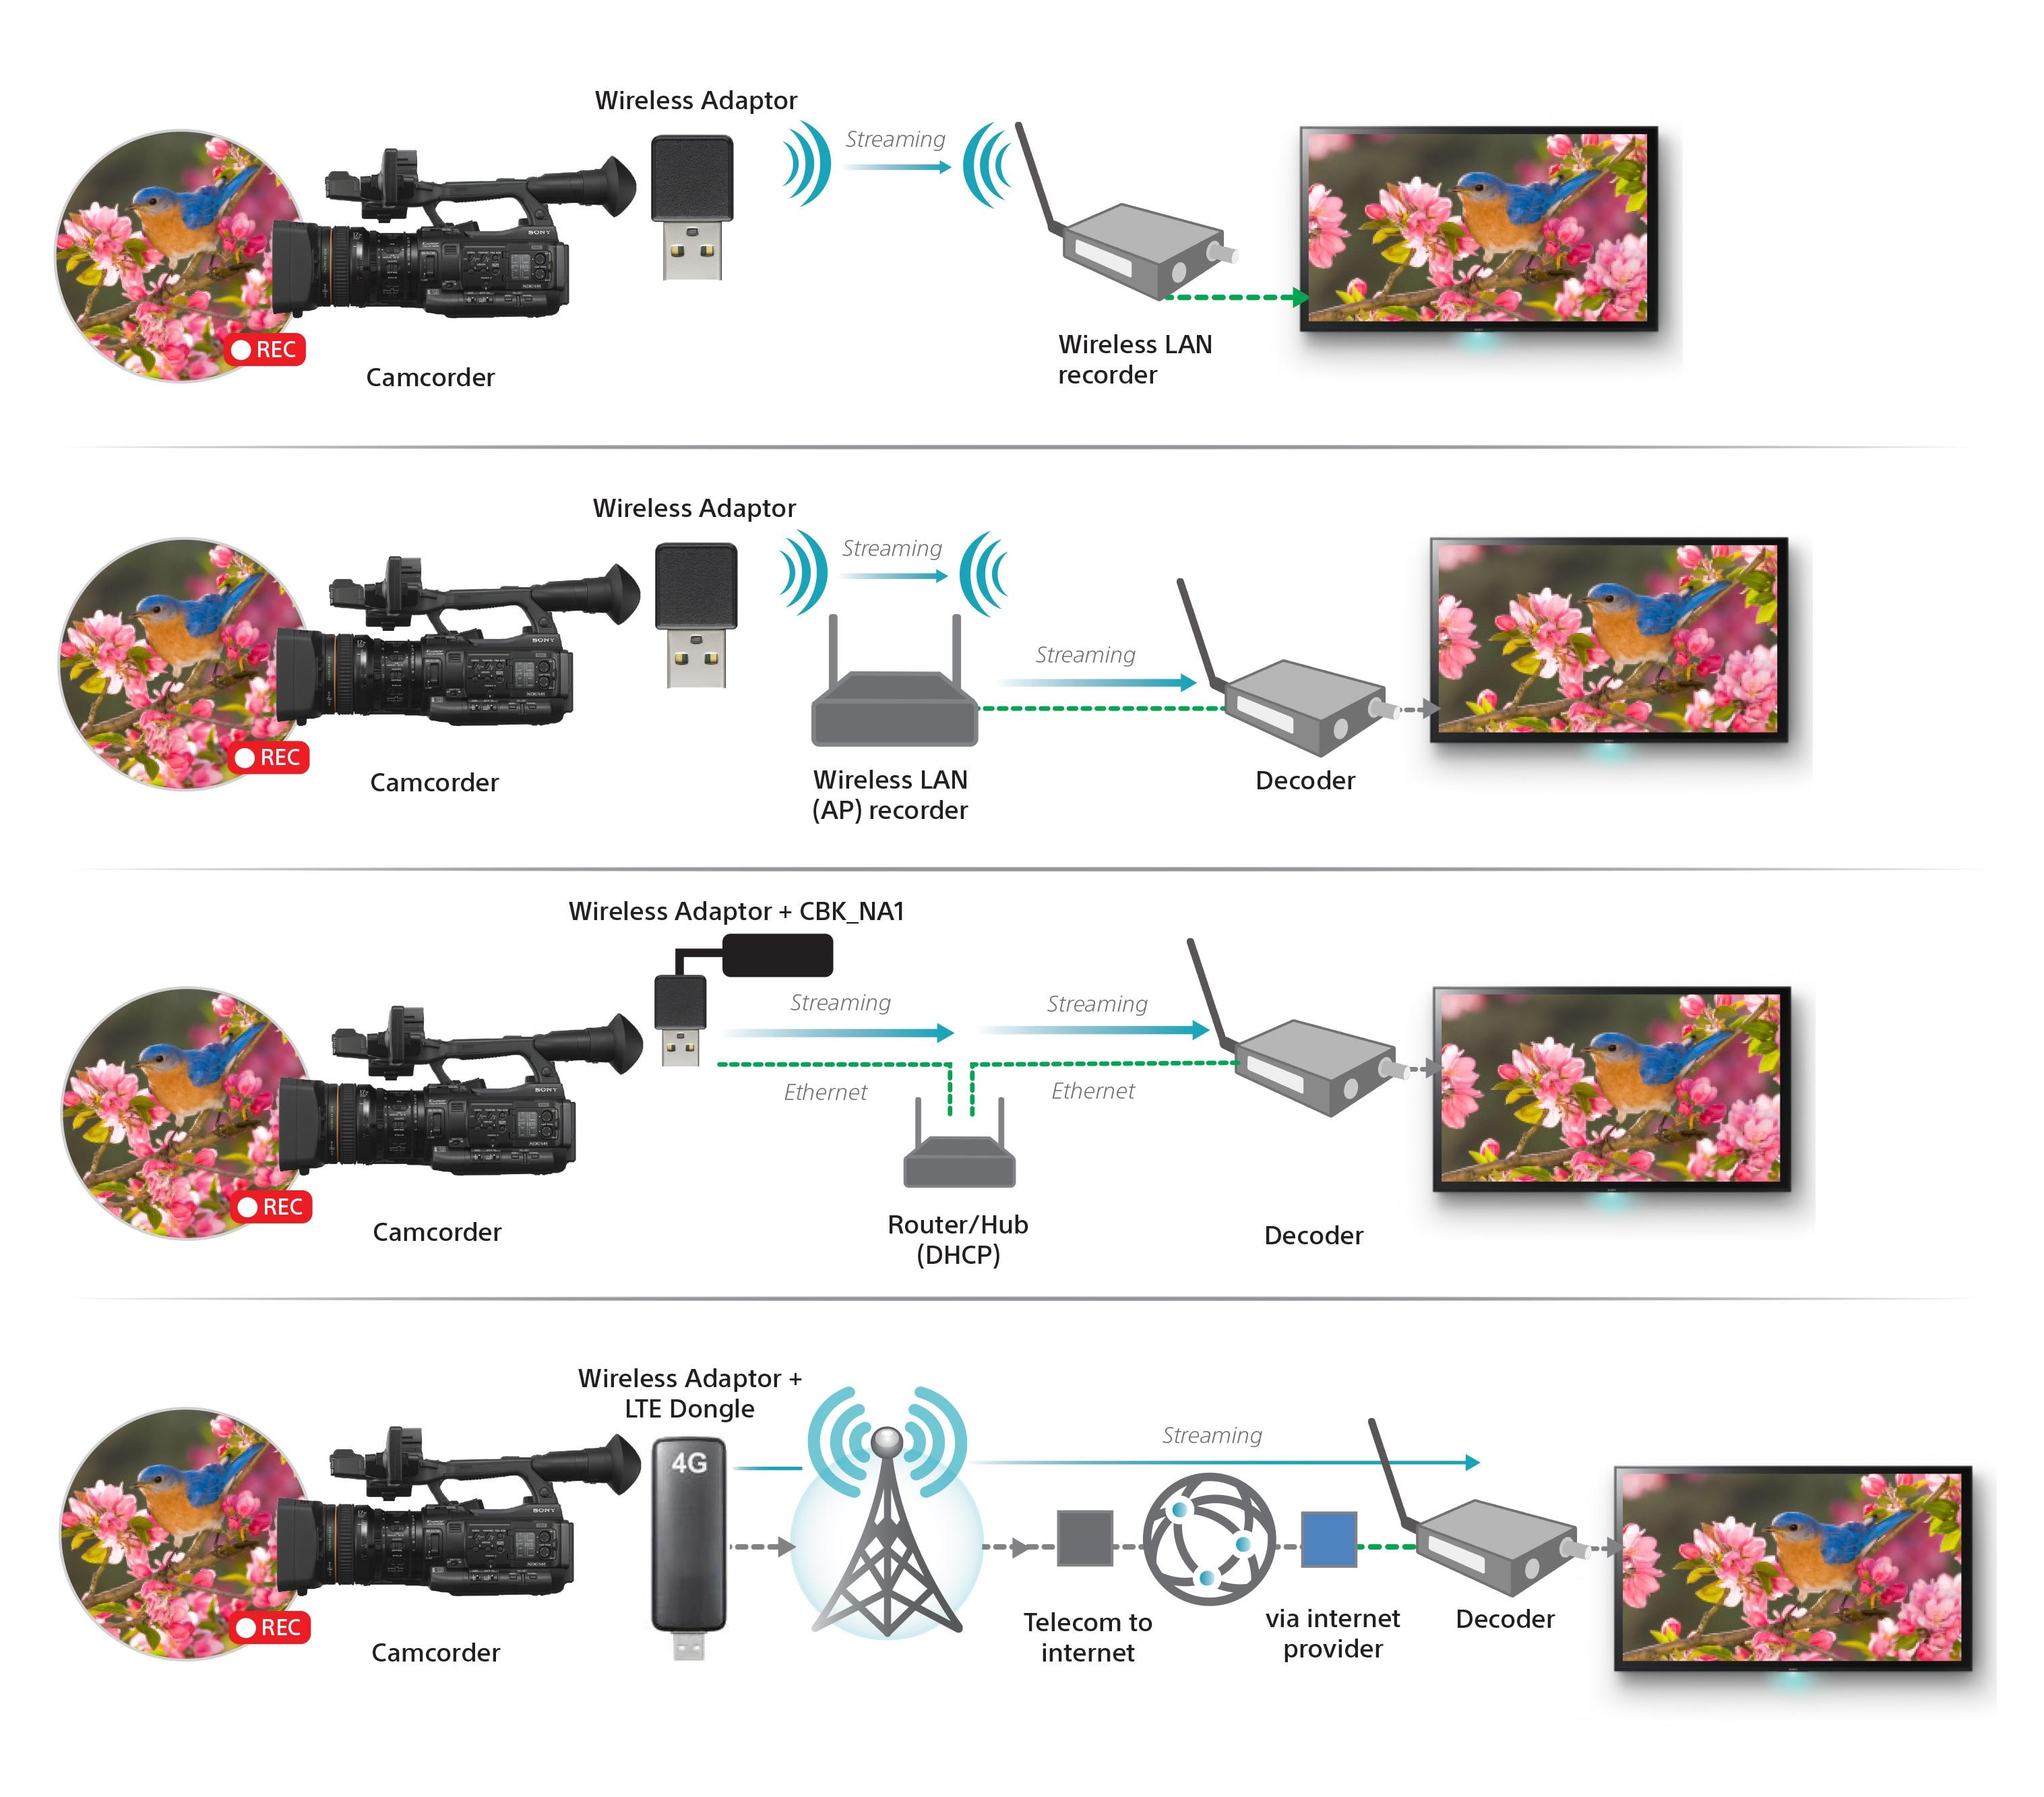 Wireless workflow